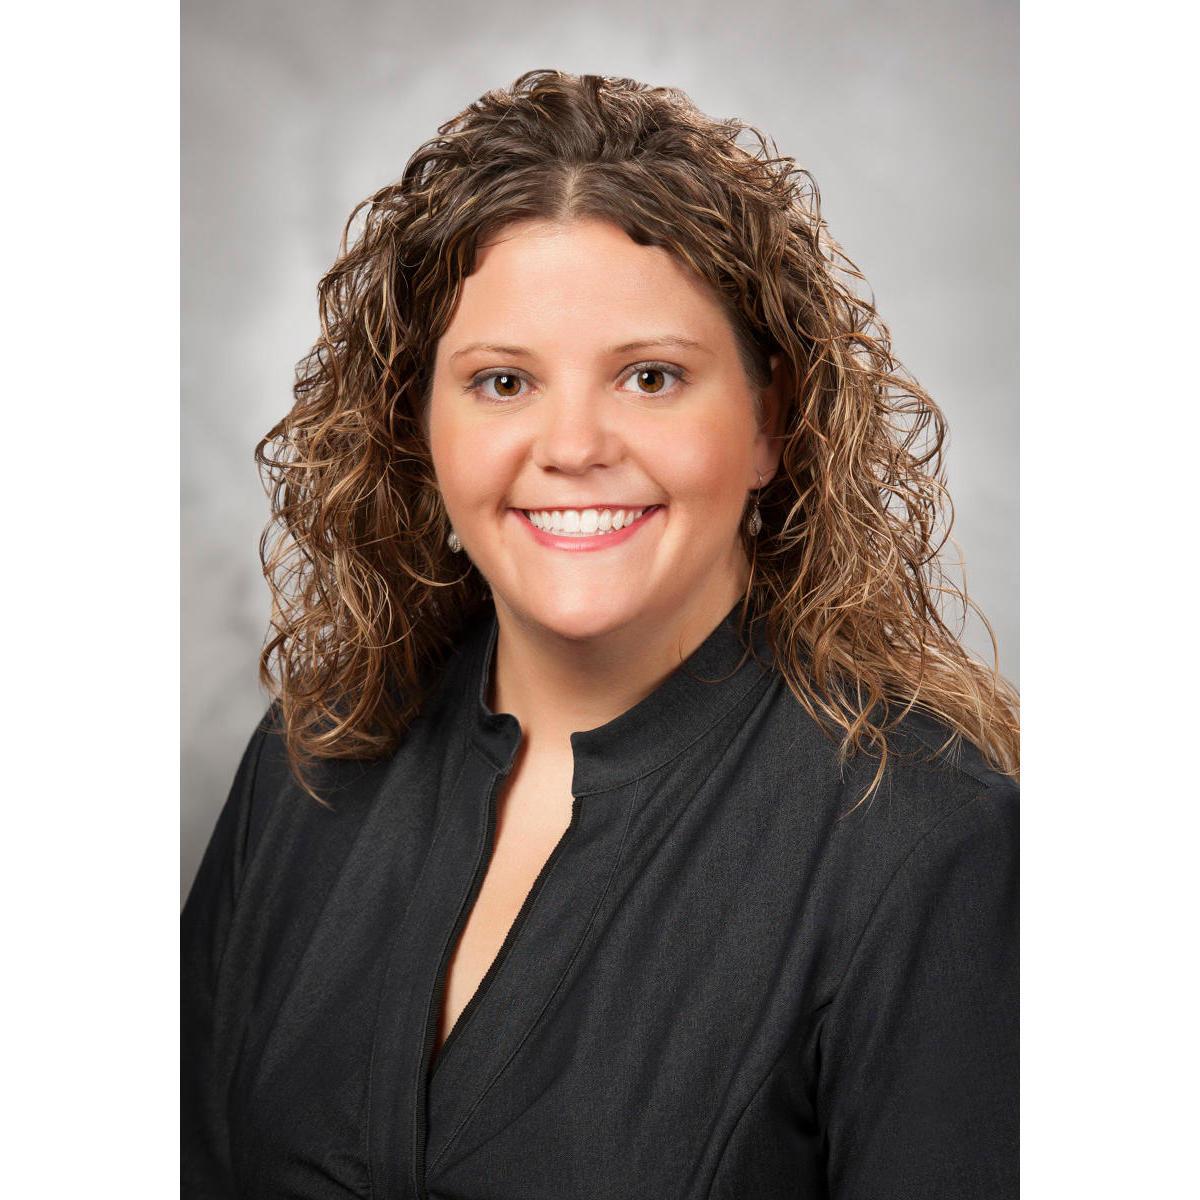 Amanda M. Godfrey, MD